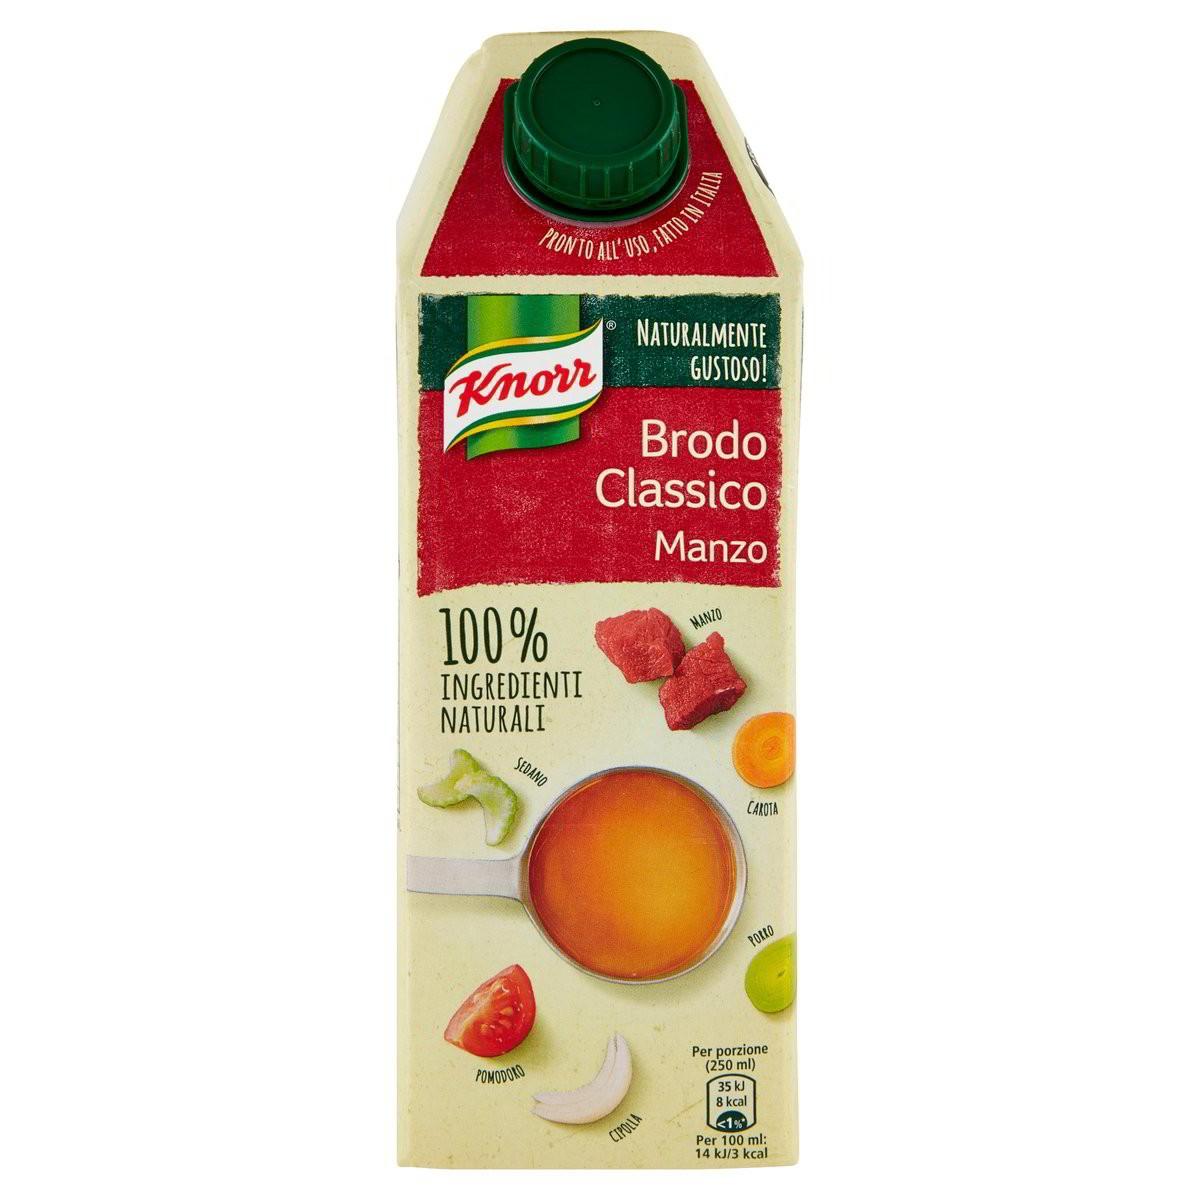 Knorr Brodo classico